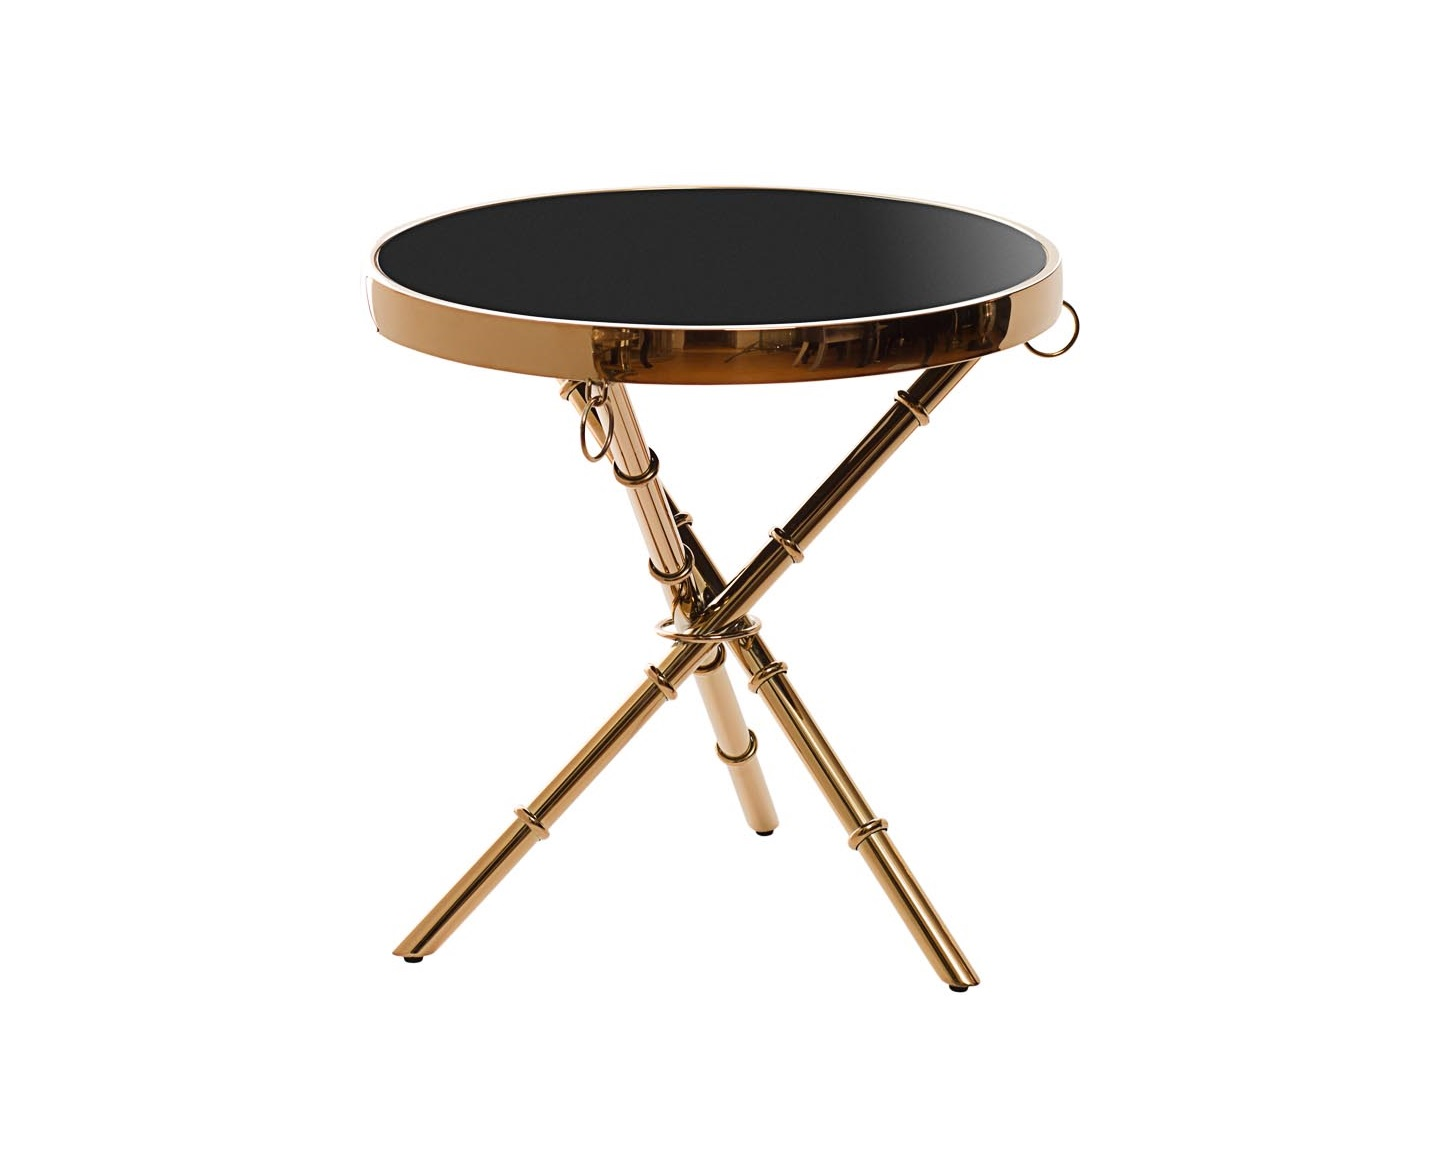 СтоликКофейные столики<br><br><br>Material: Стекло<br>Высота см: 50